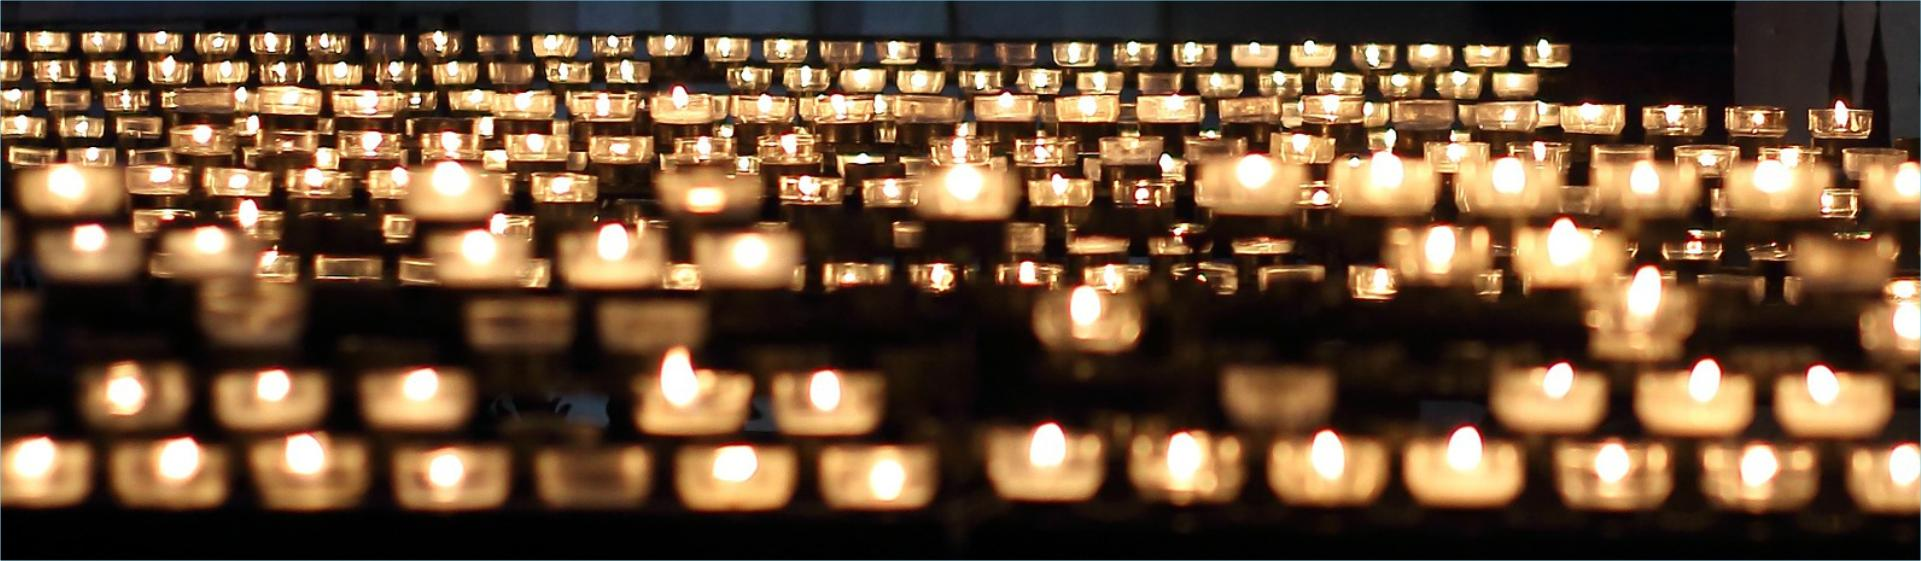 Memoria, verdad y negacionismo histórico Cider | Uniandes